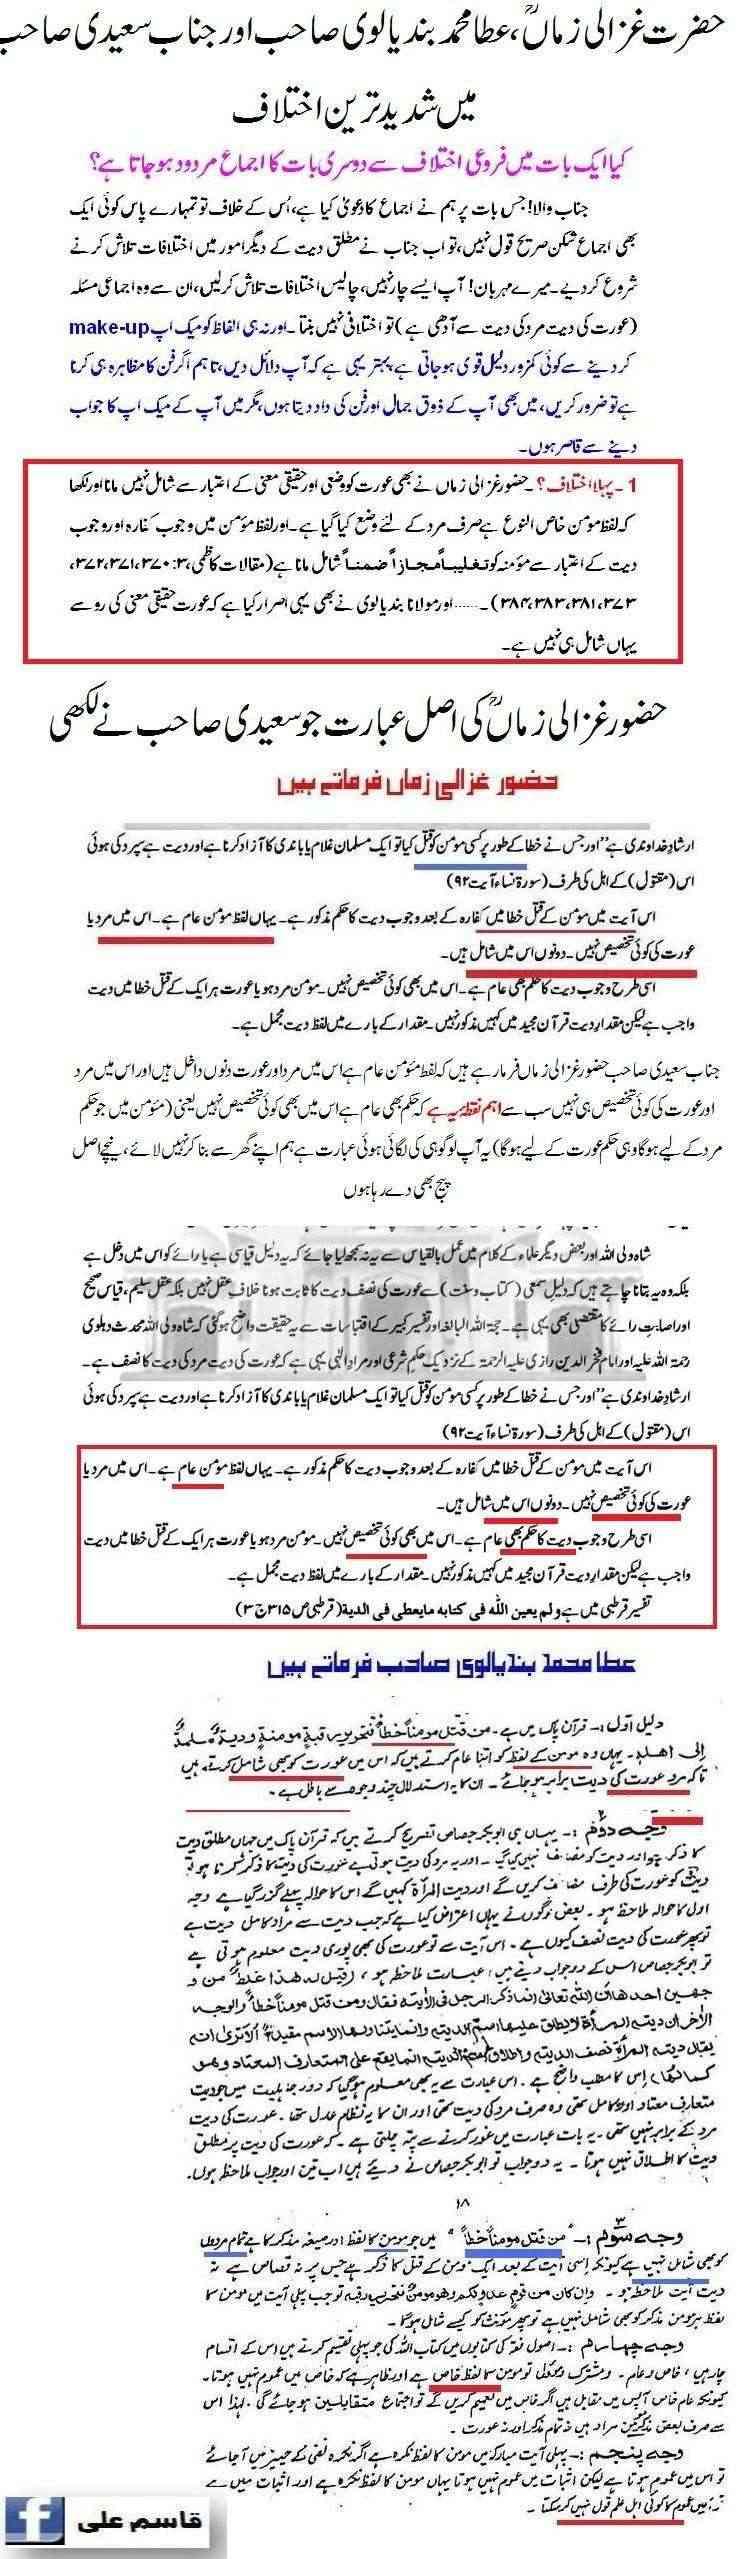 دیت کی جعلی فتوی فیکٹری پر منہاج القرآن کی فتح کا جھنڈا - Page 2 Qasim_19